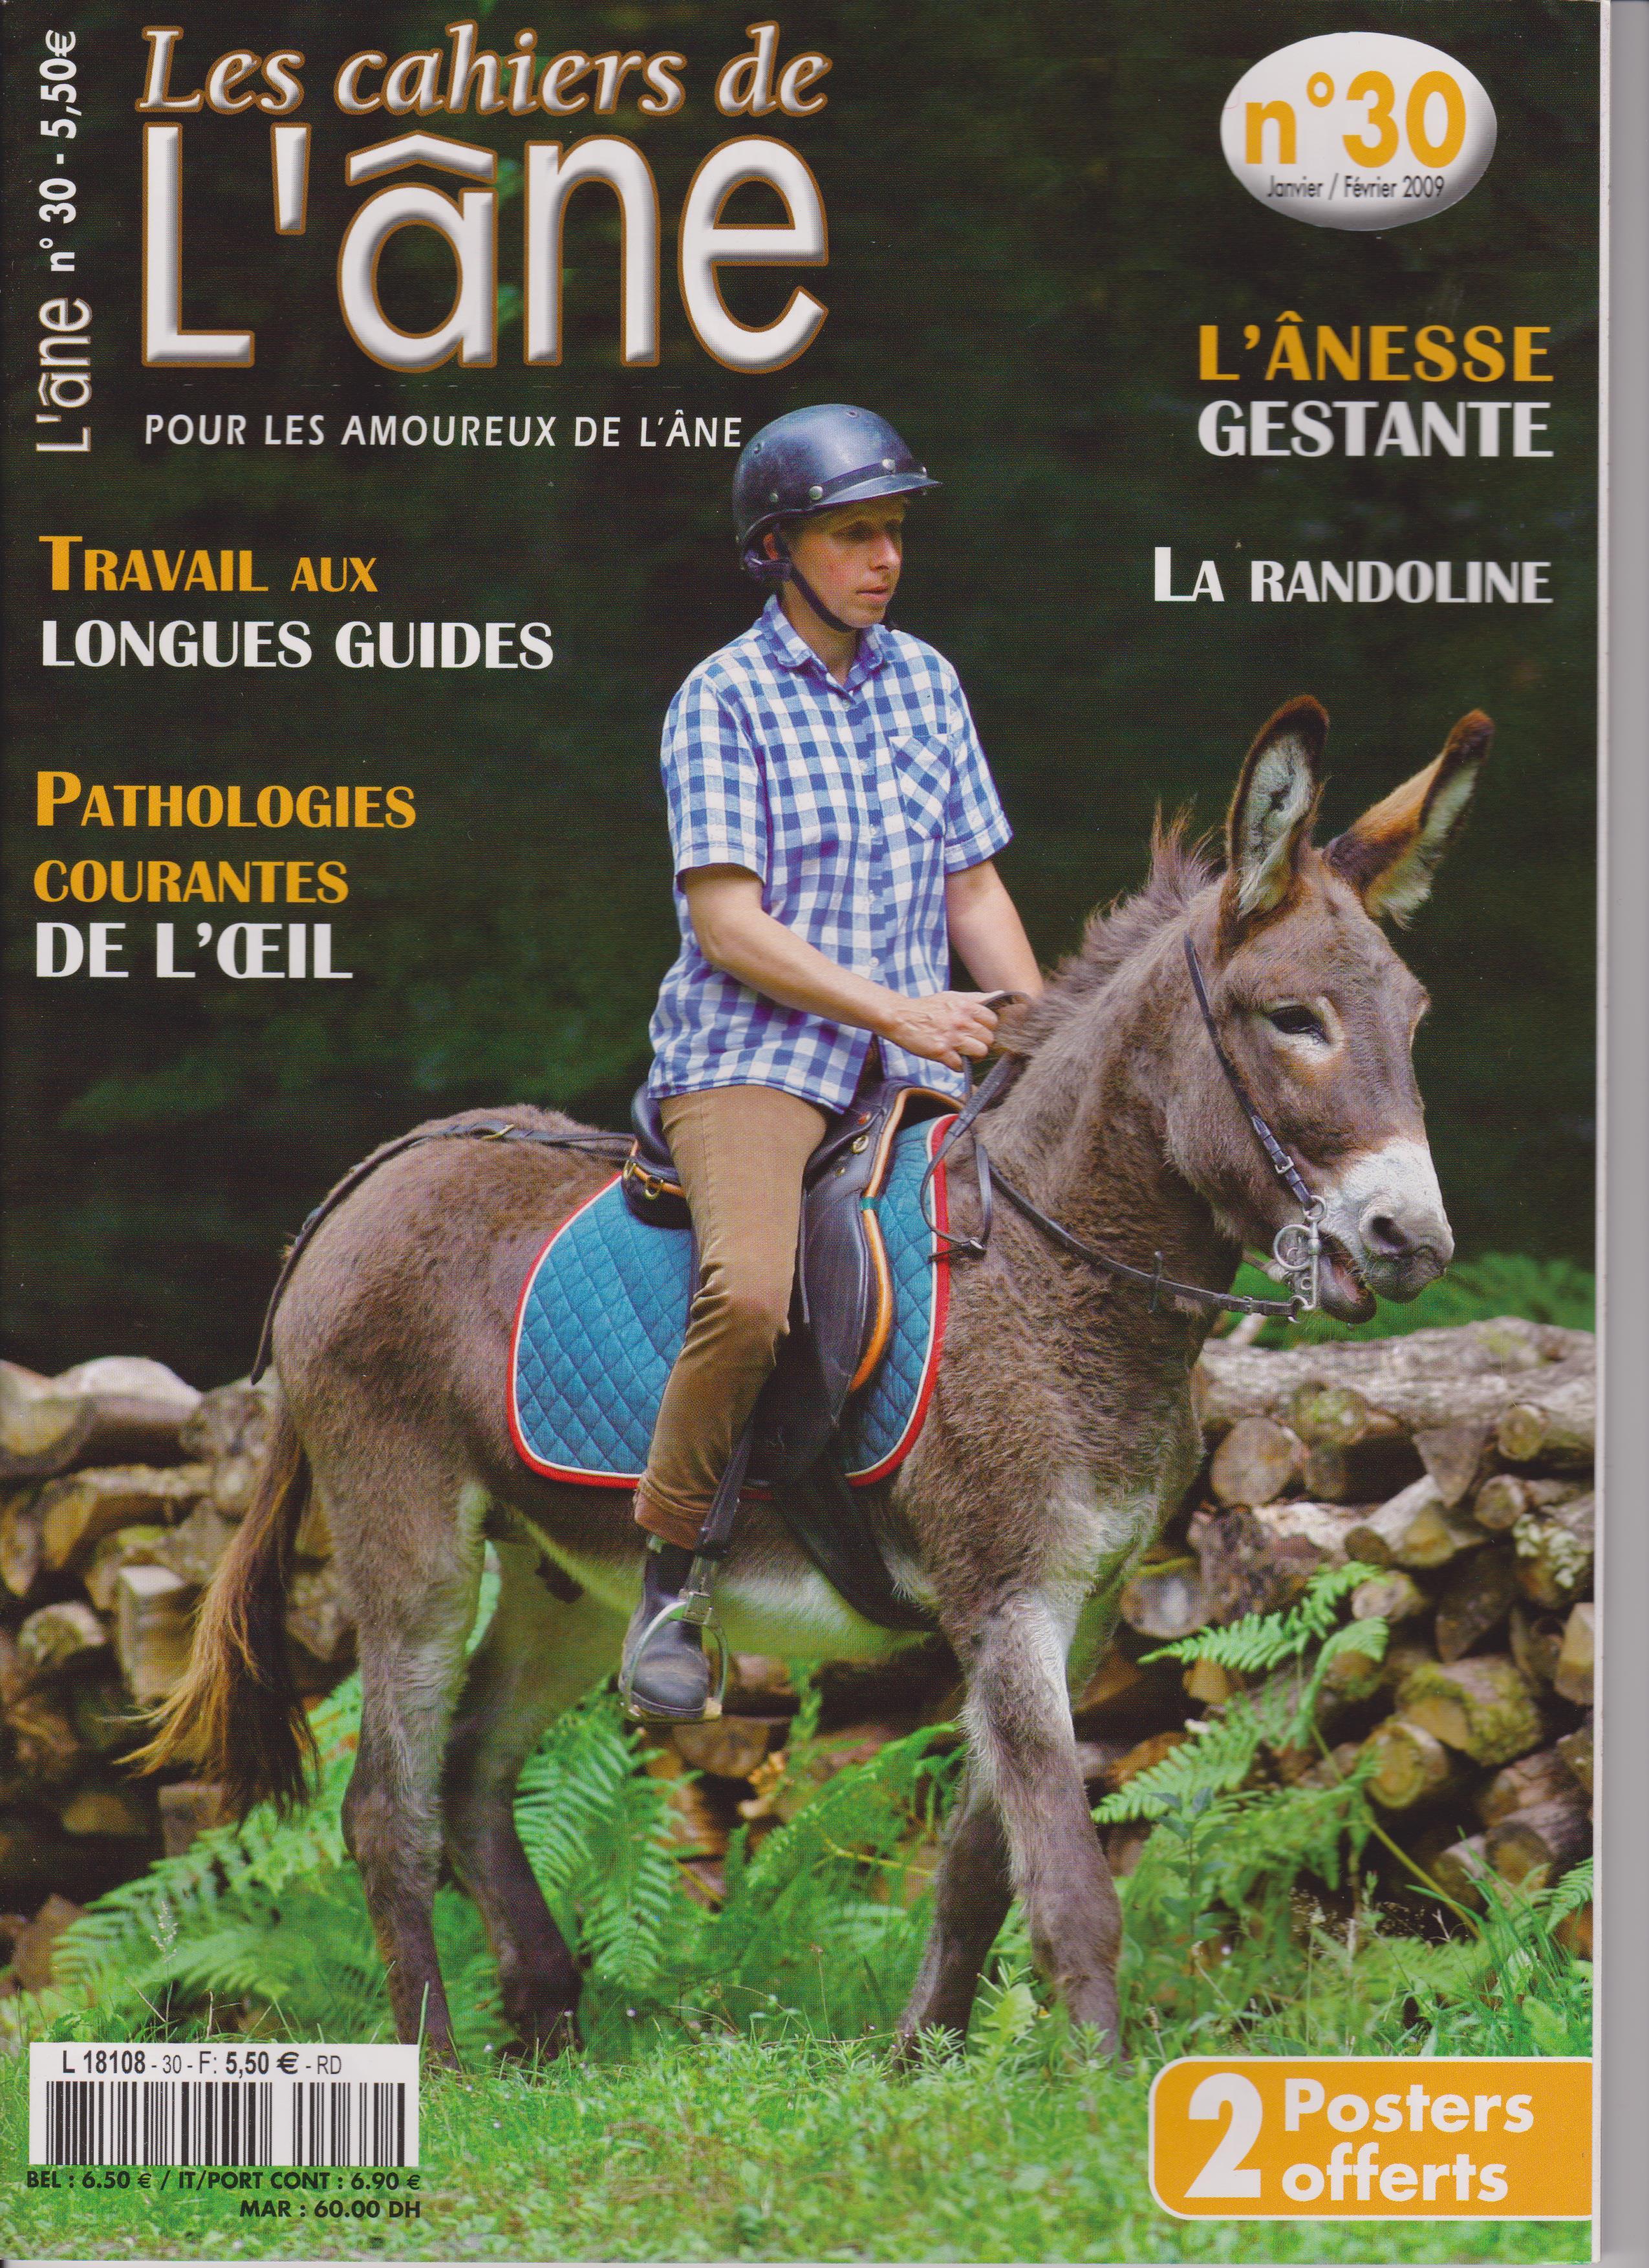 Les Cahiers de l'âne n°30